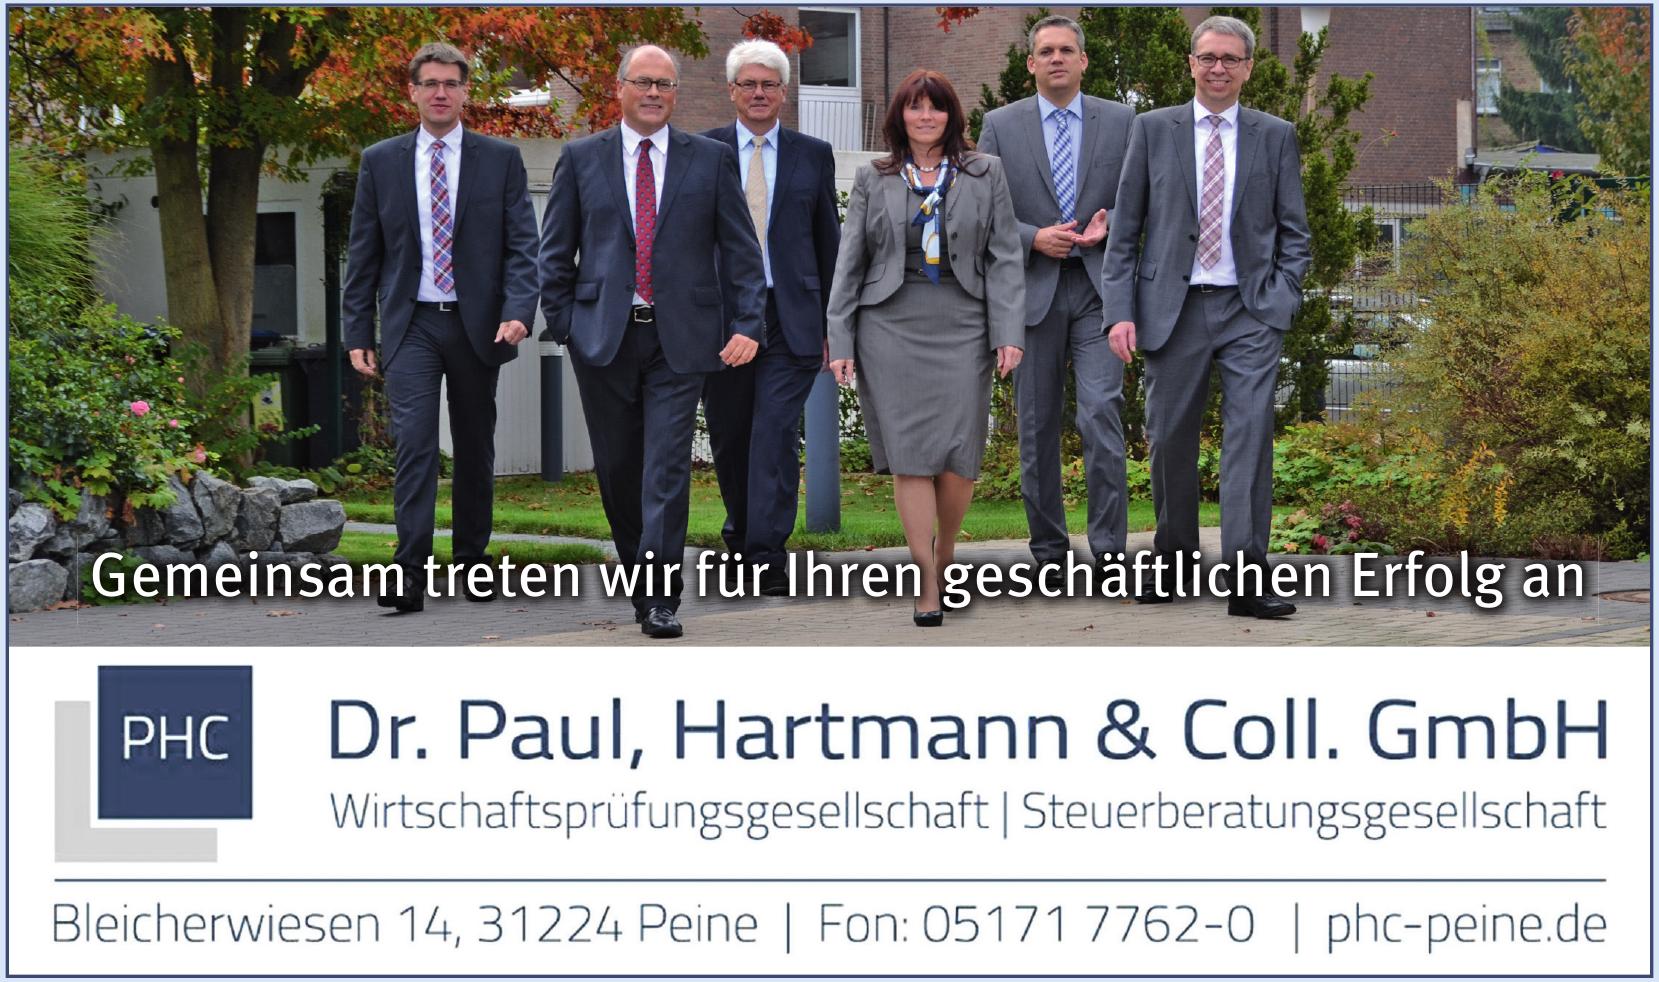 Dr. Paul, Hartmann & Coll. GmbH - PHC